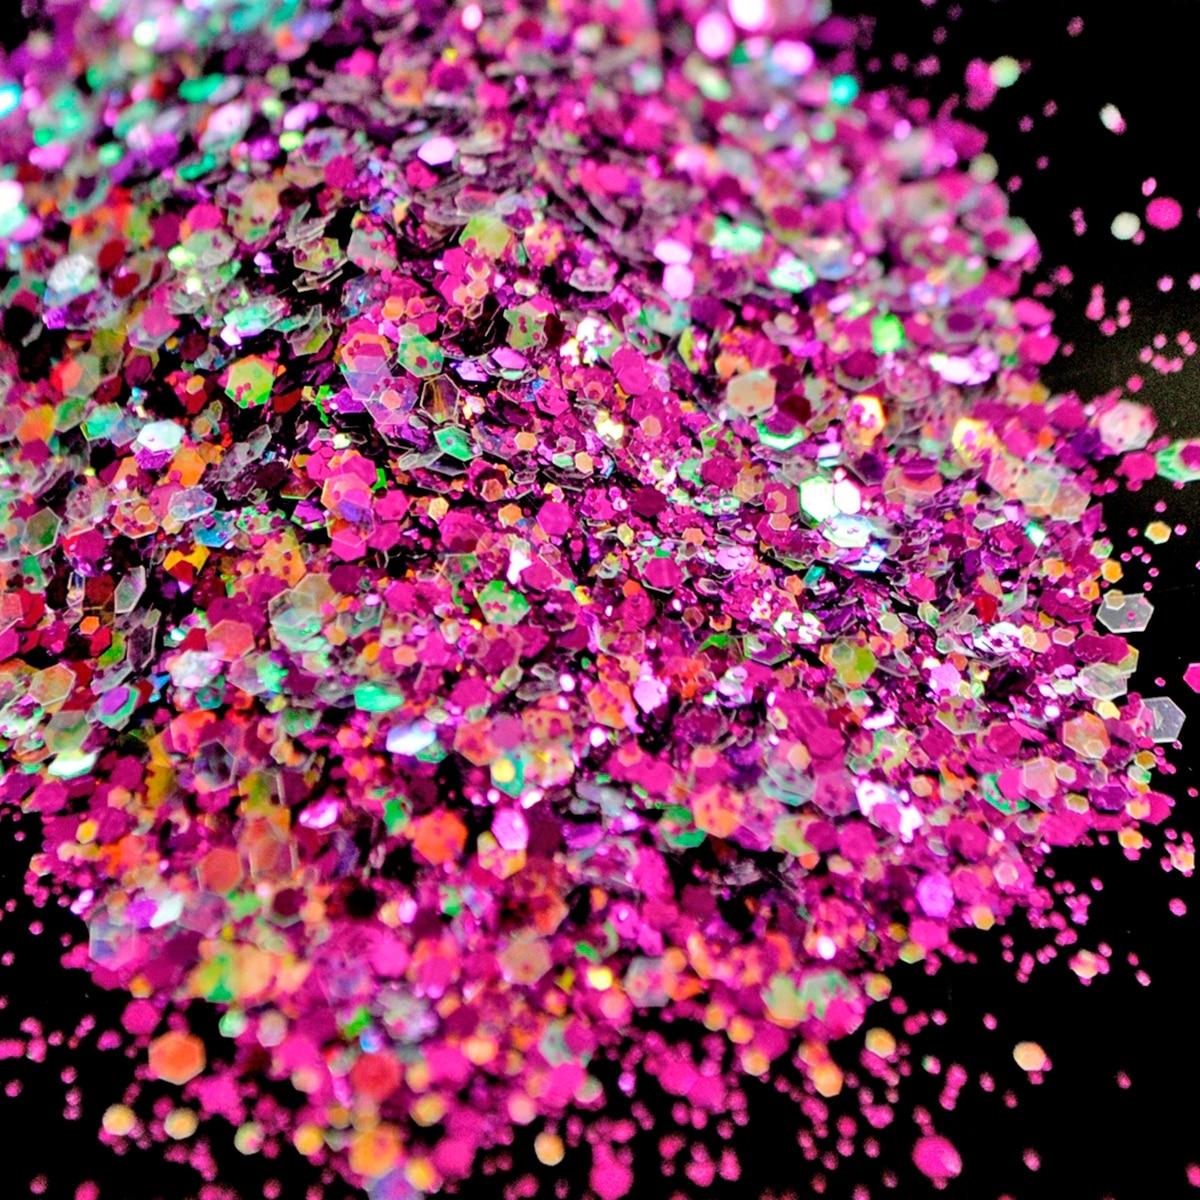 Esmalte de brillo para uñas blanco púrpura Rosa iridiscente polvo brillante lentejuelas acrílico uñas arte punta herramienta de decoración